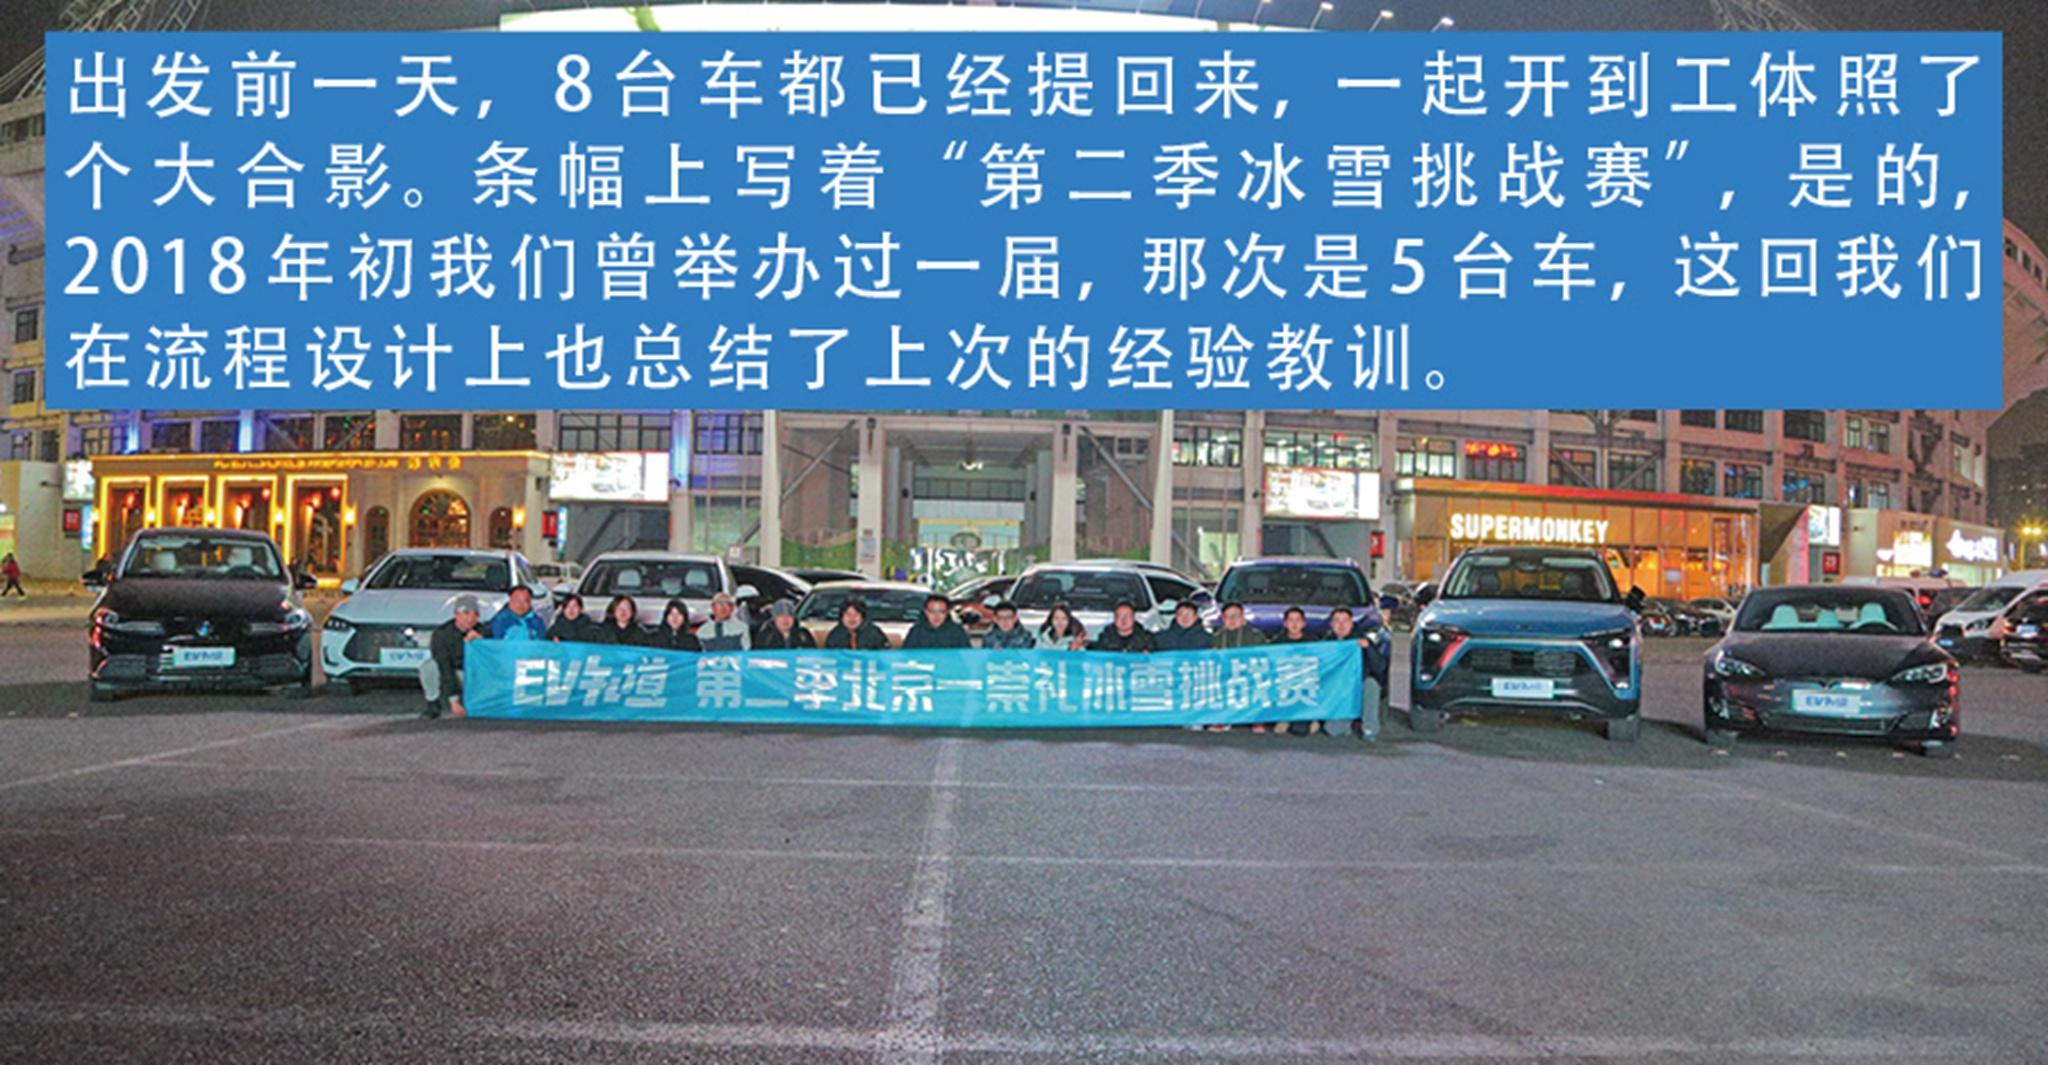 4天8车14人 奔赴-25℃的极寒之旅(上篇)